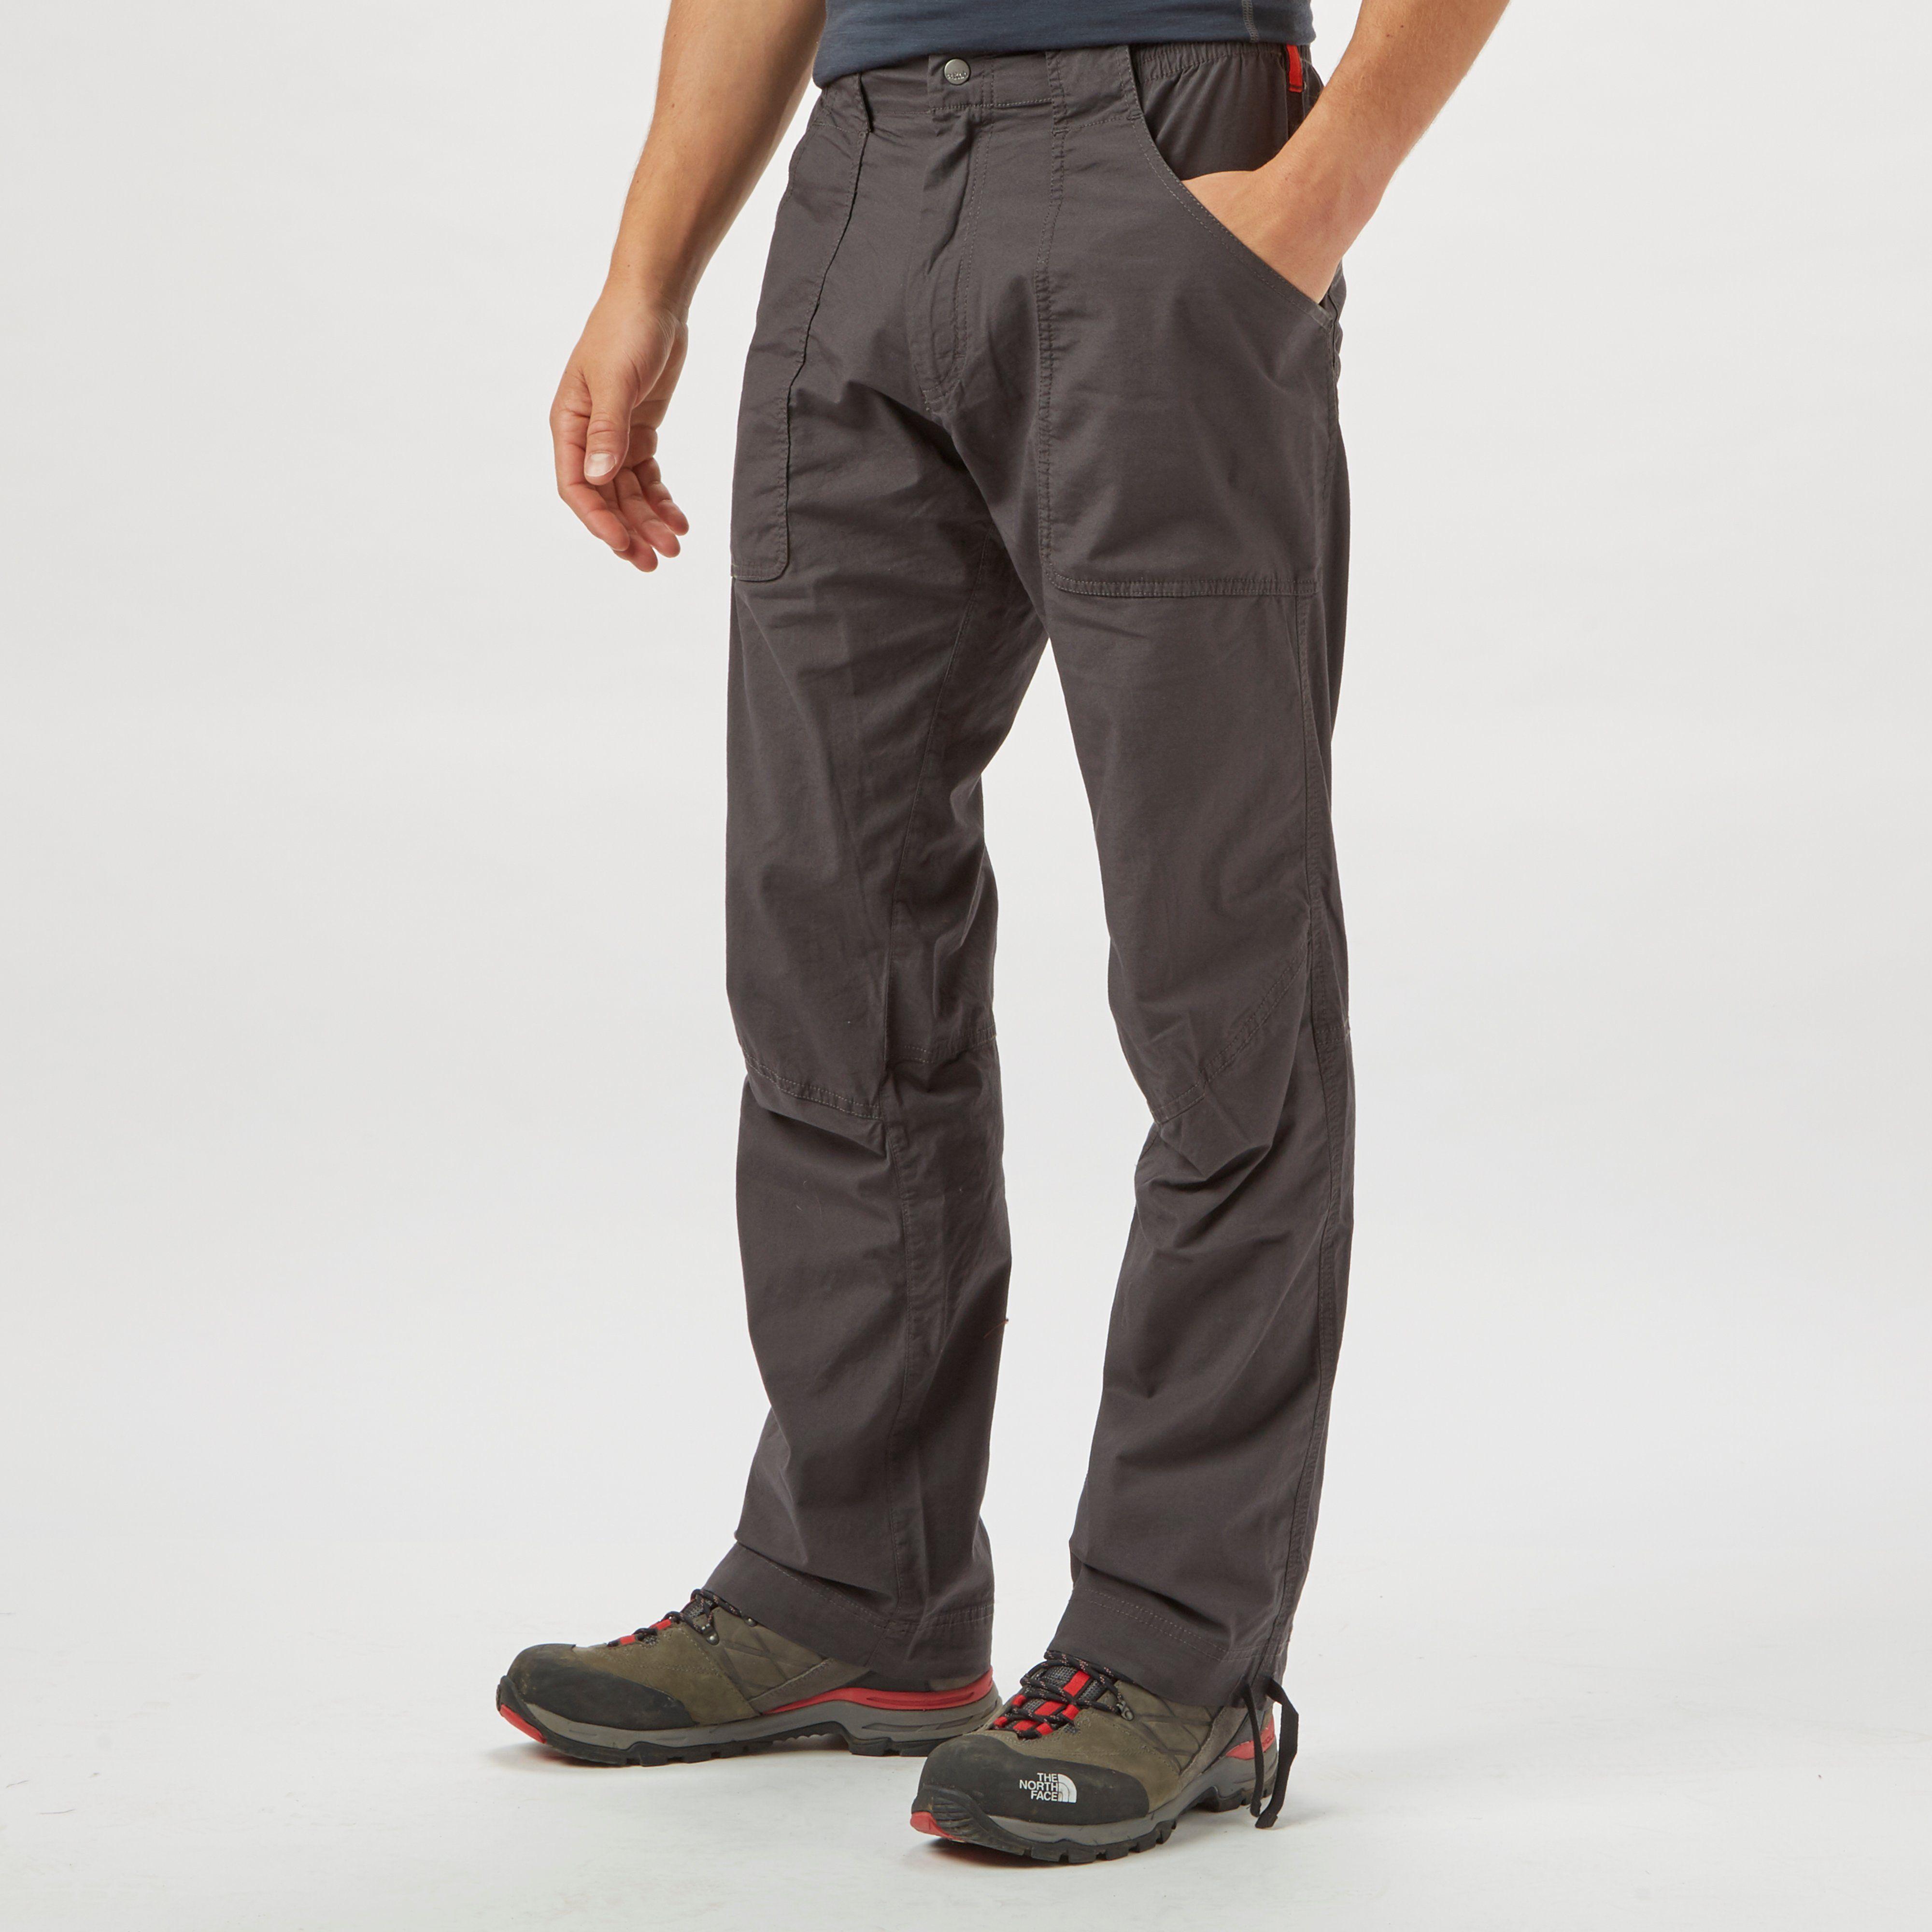 RAB Men's Oblique Pants